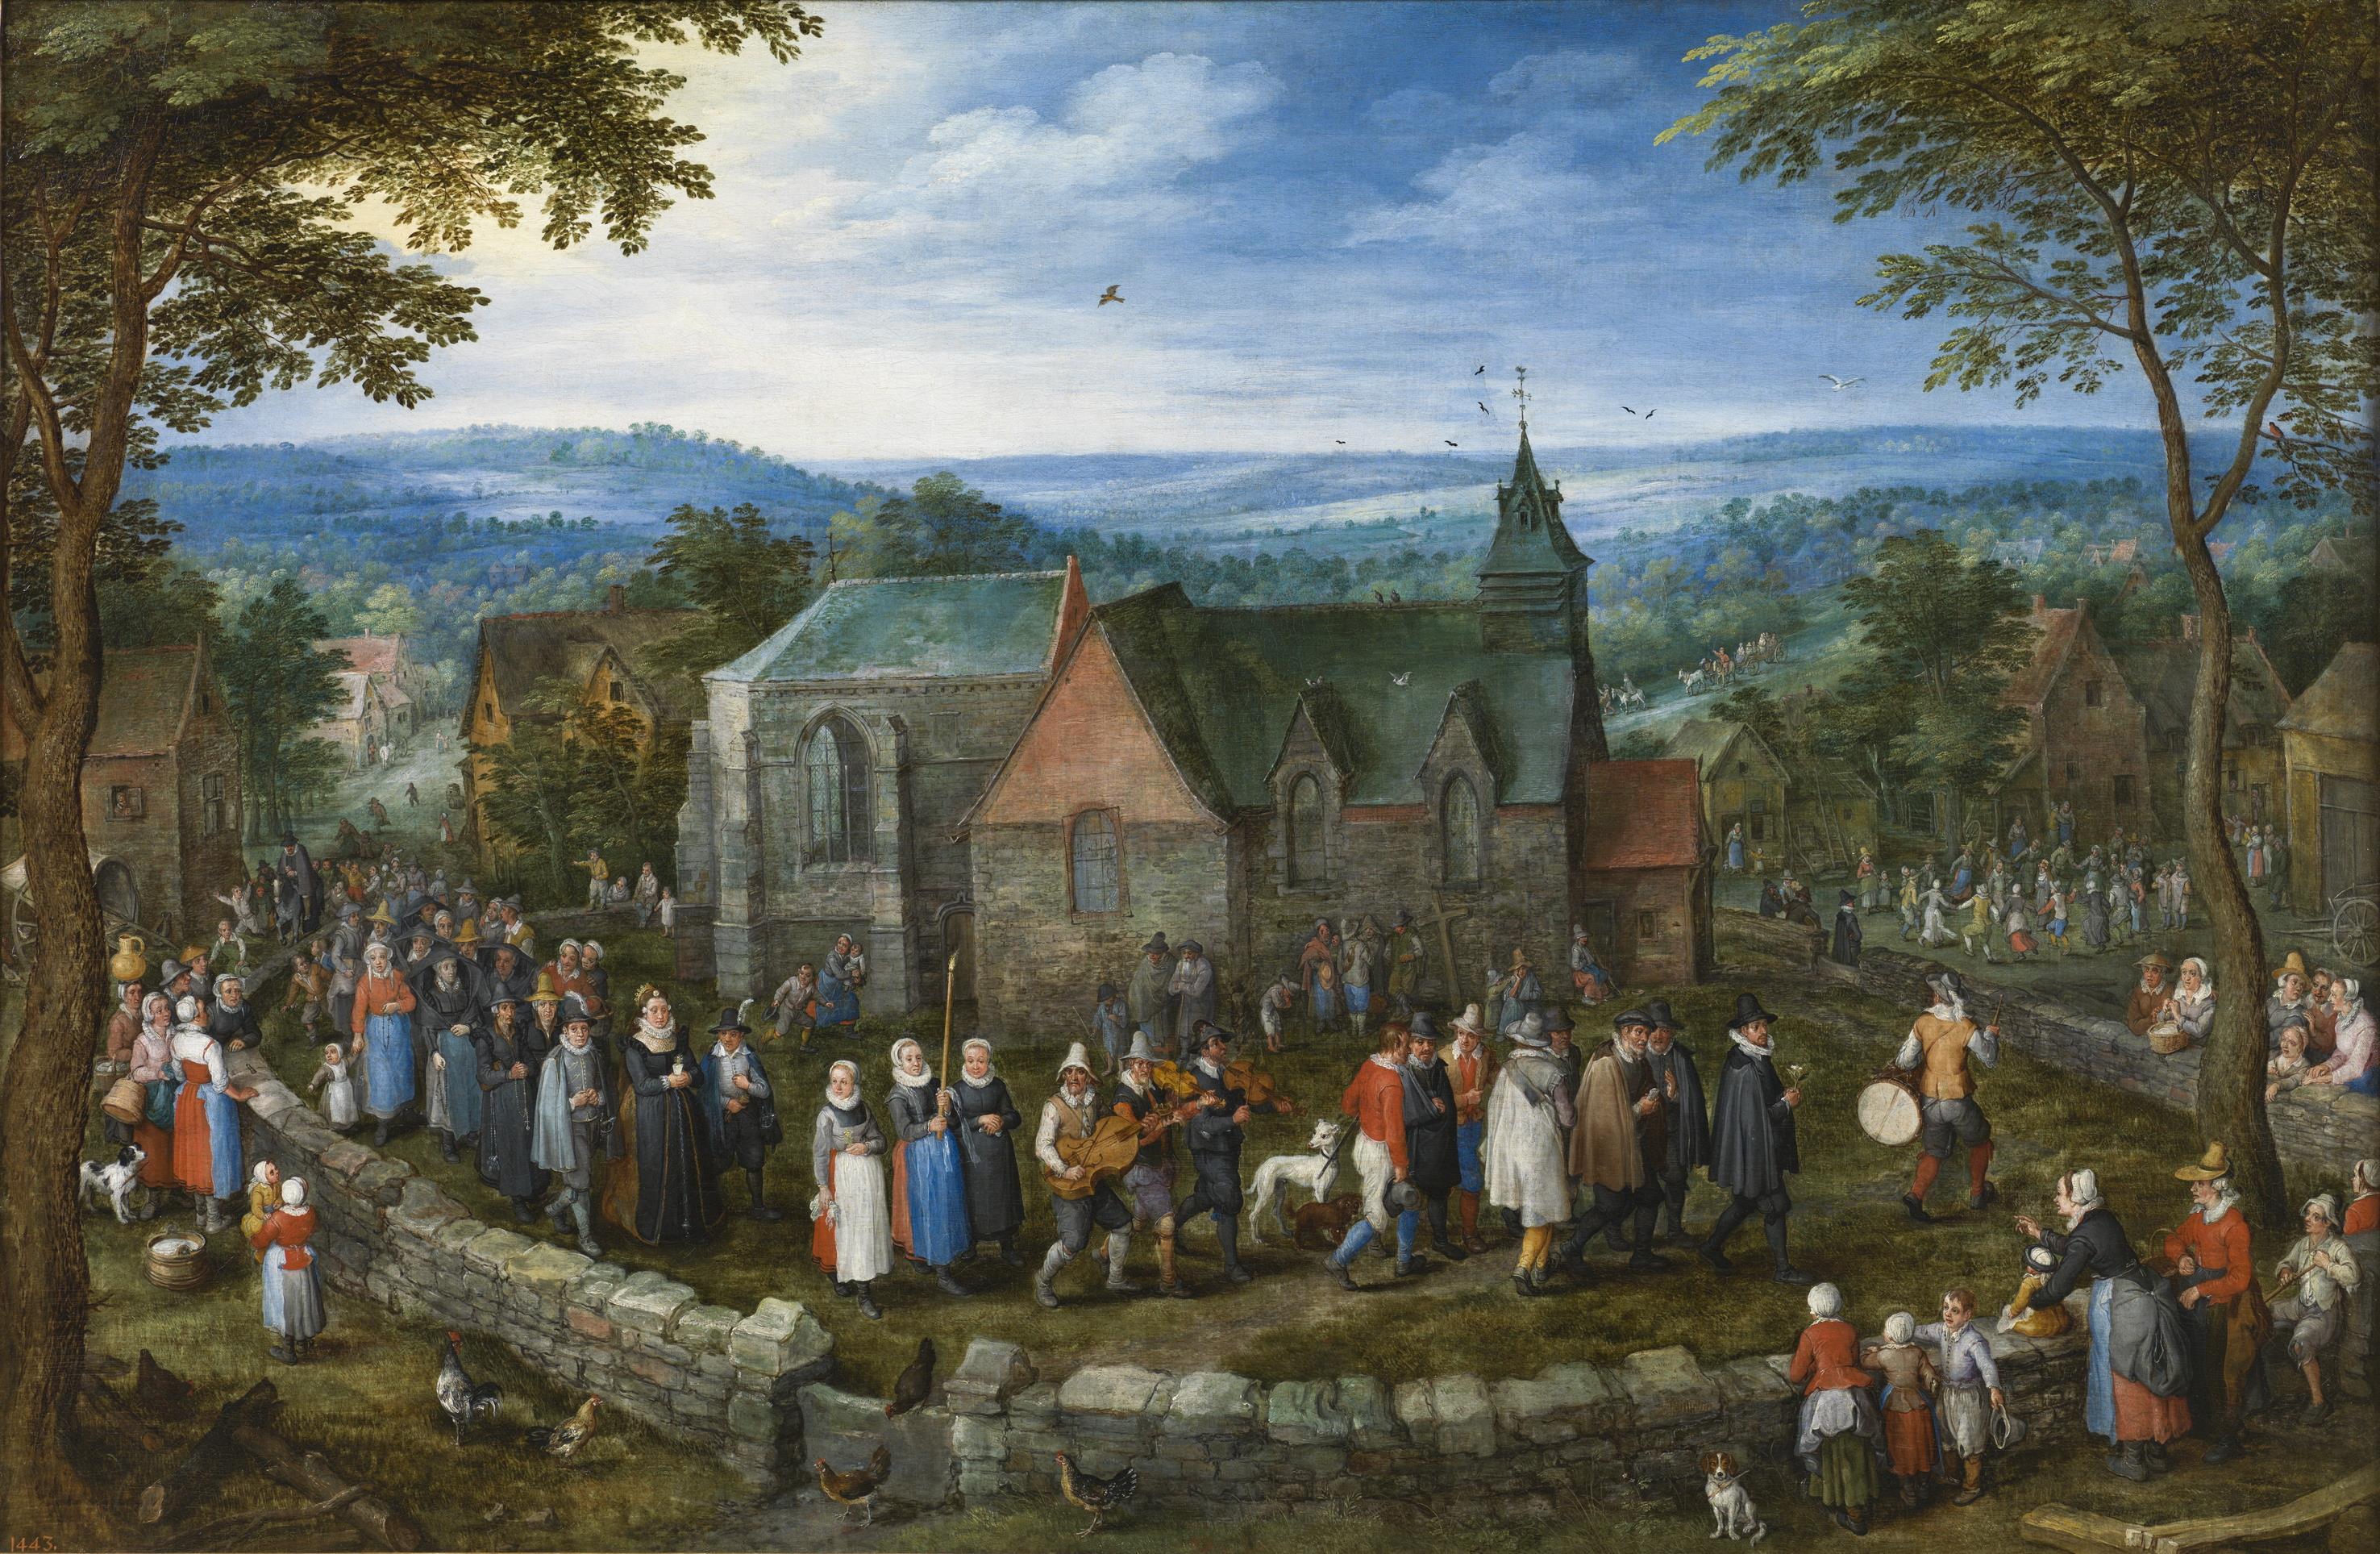 Jan_Brueghel_%28I%29_-_Village_wedding.jpg